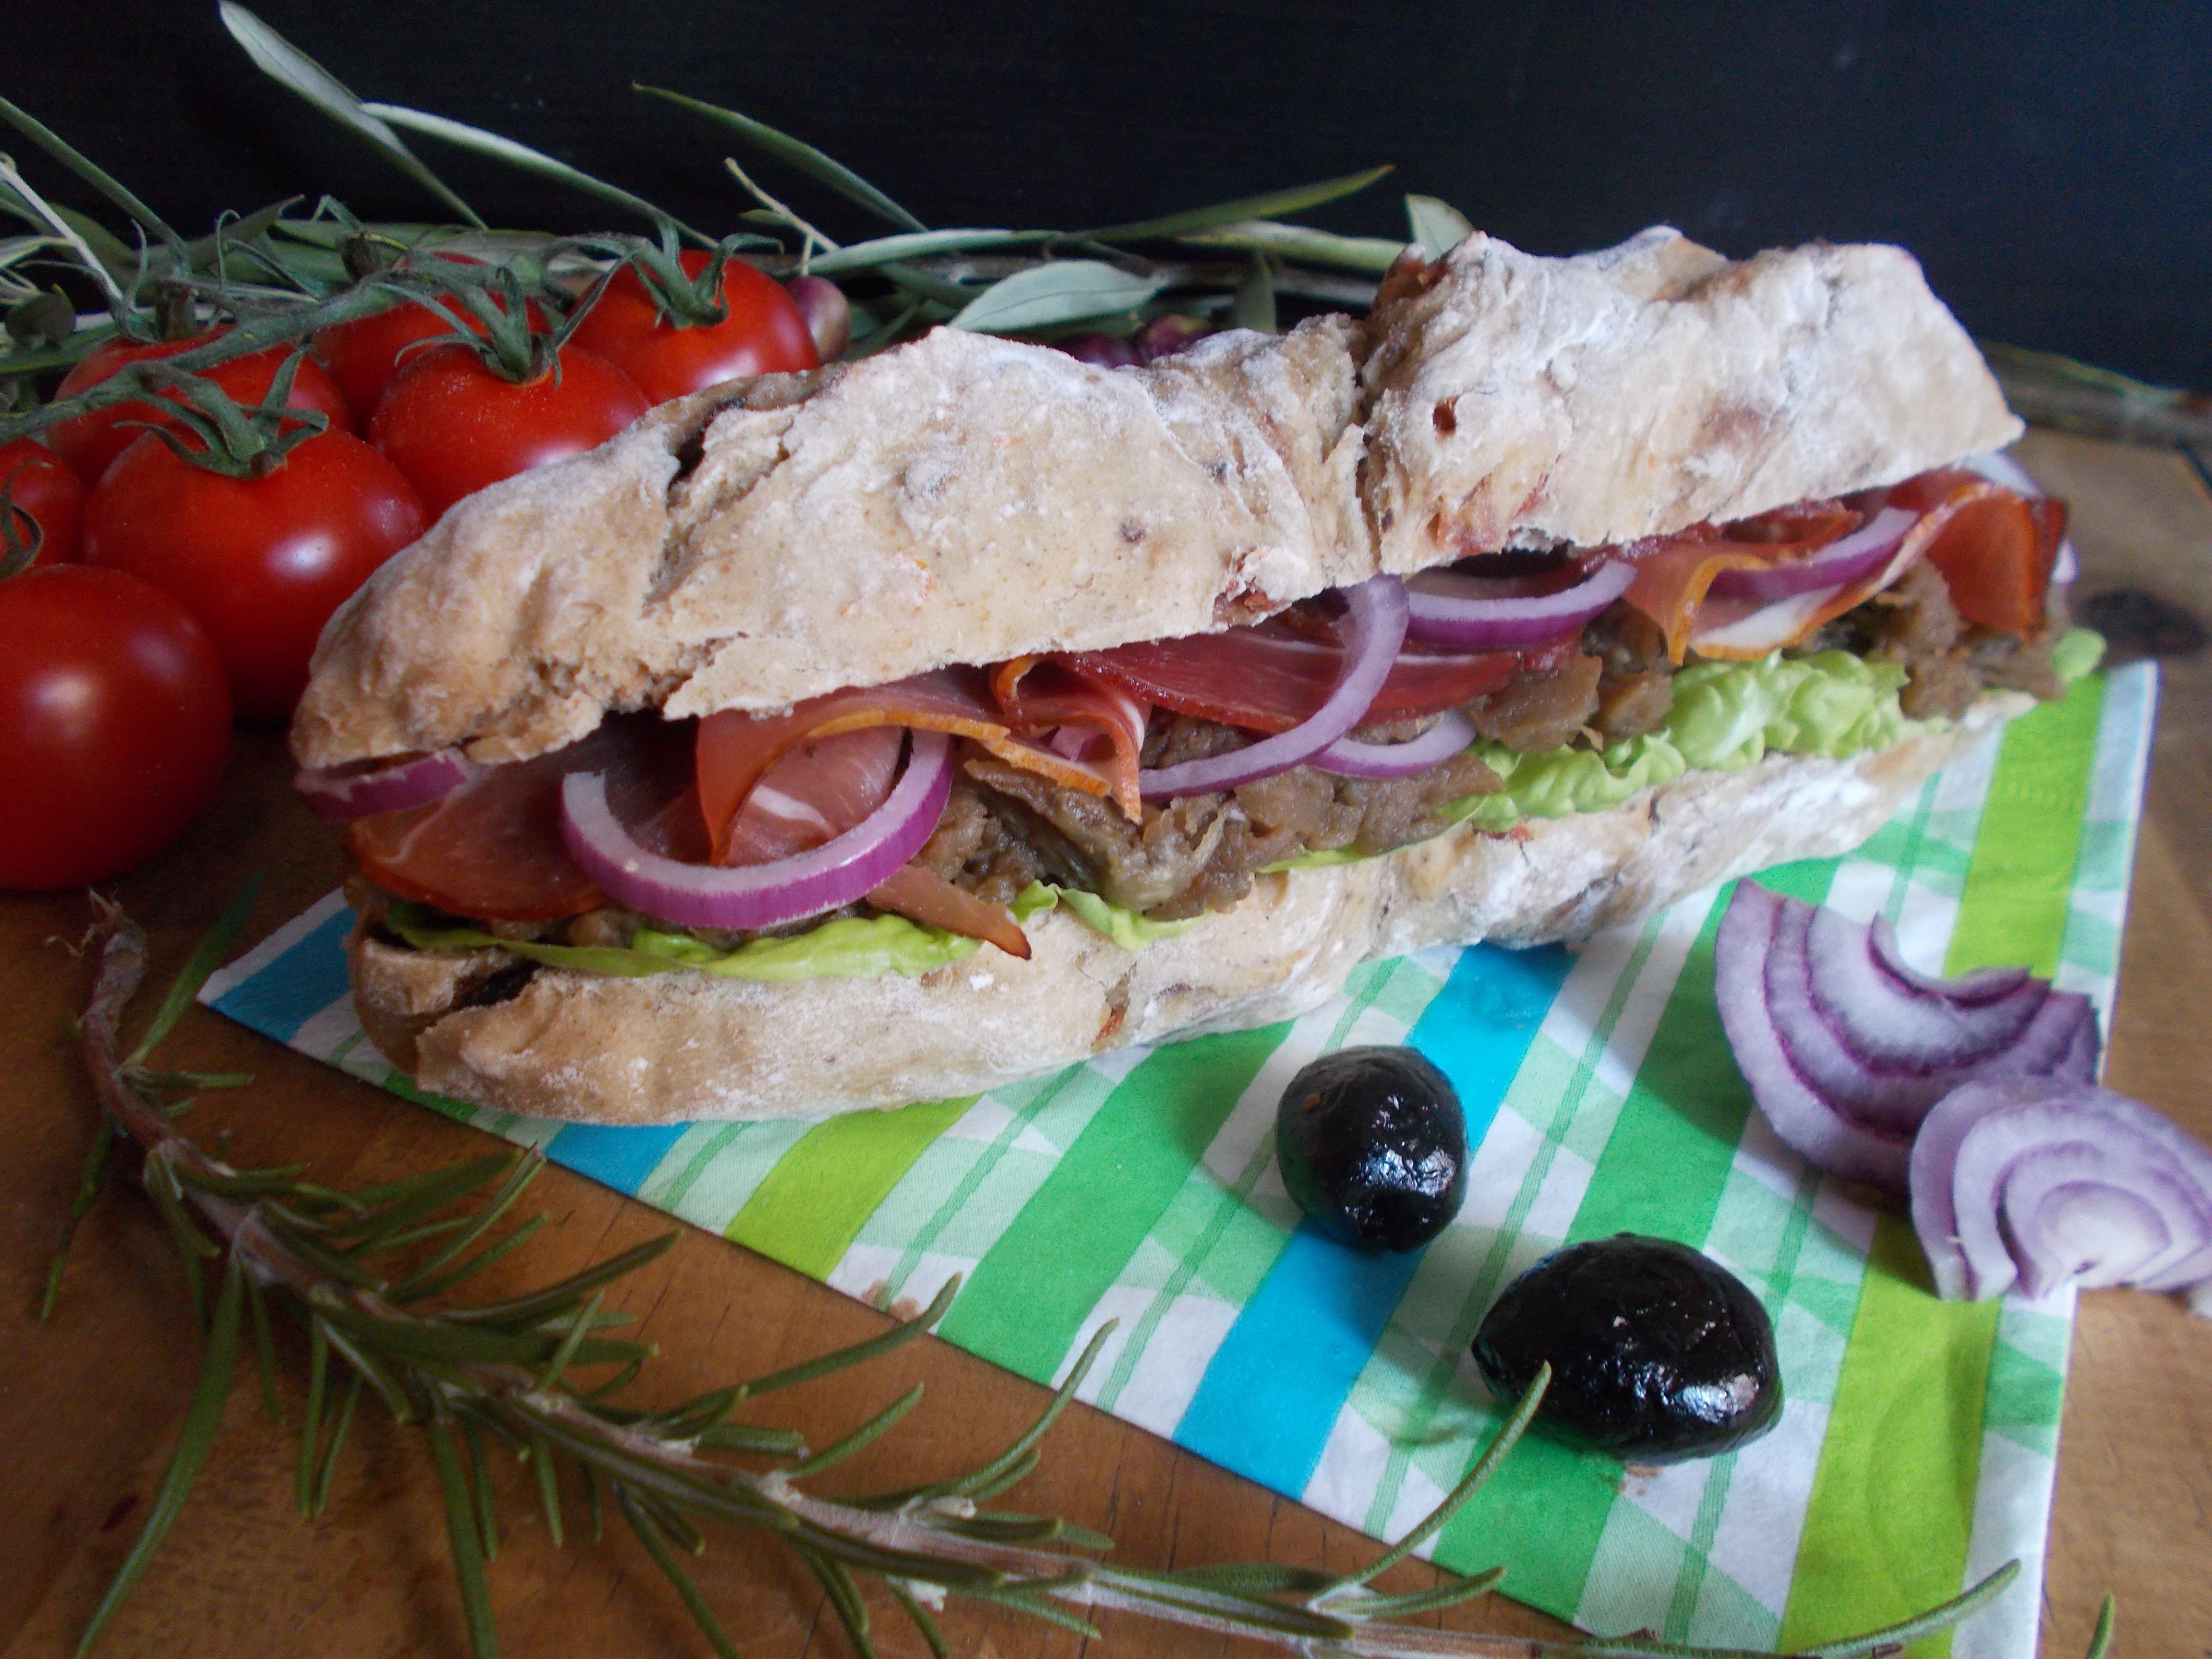 Sandwich à la purée d'aubergine et jambon cru